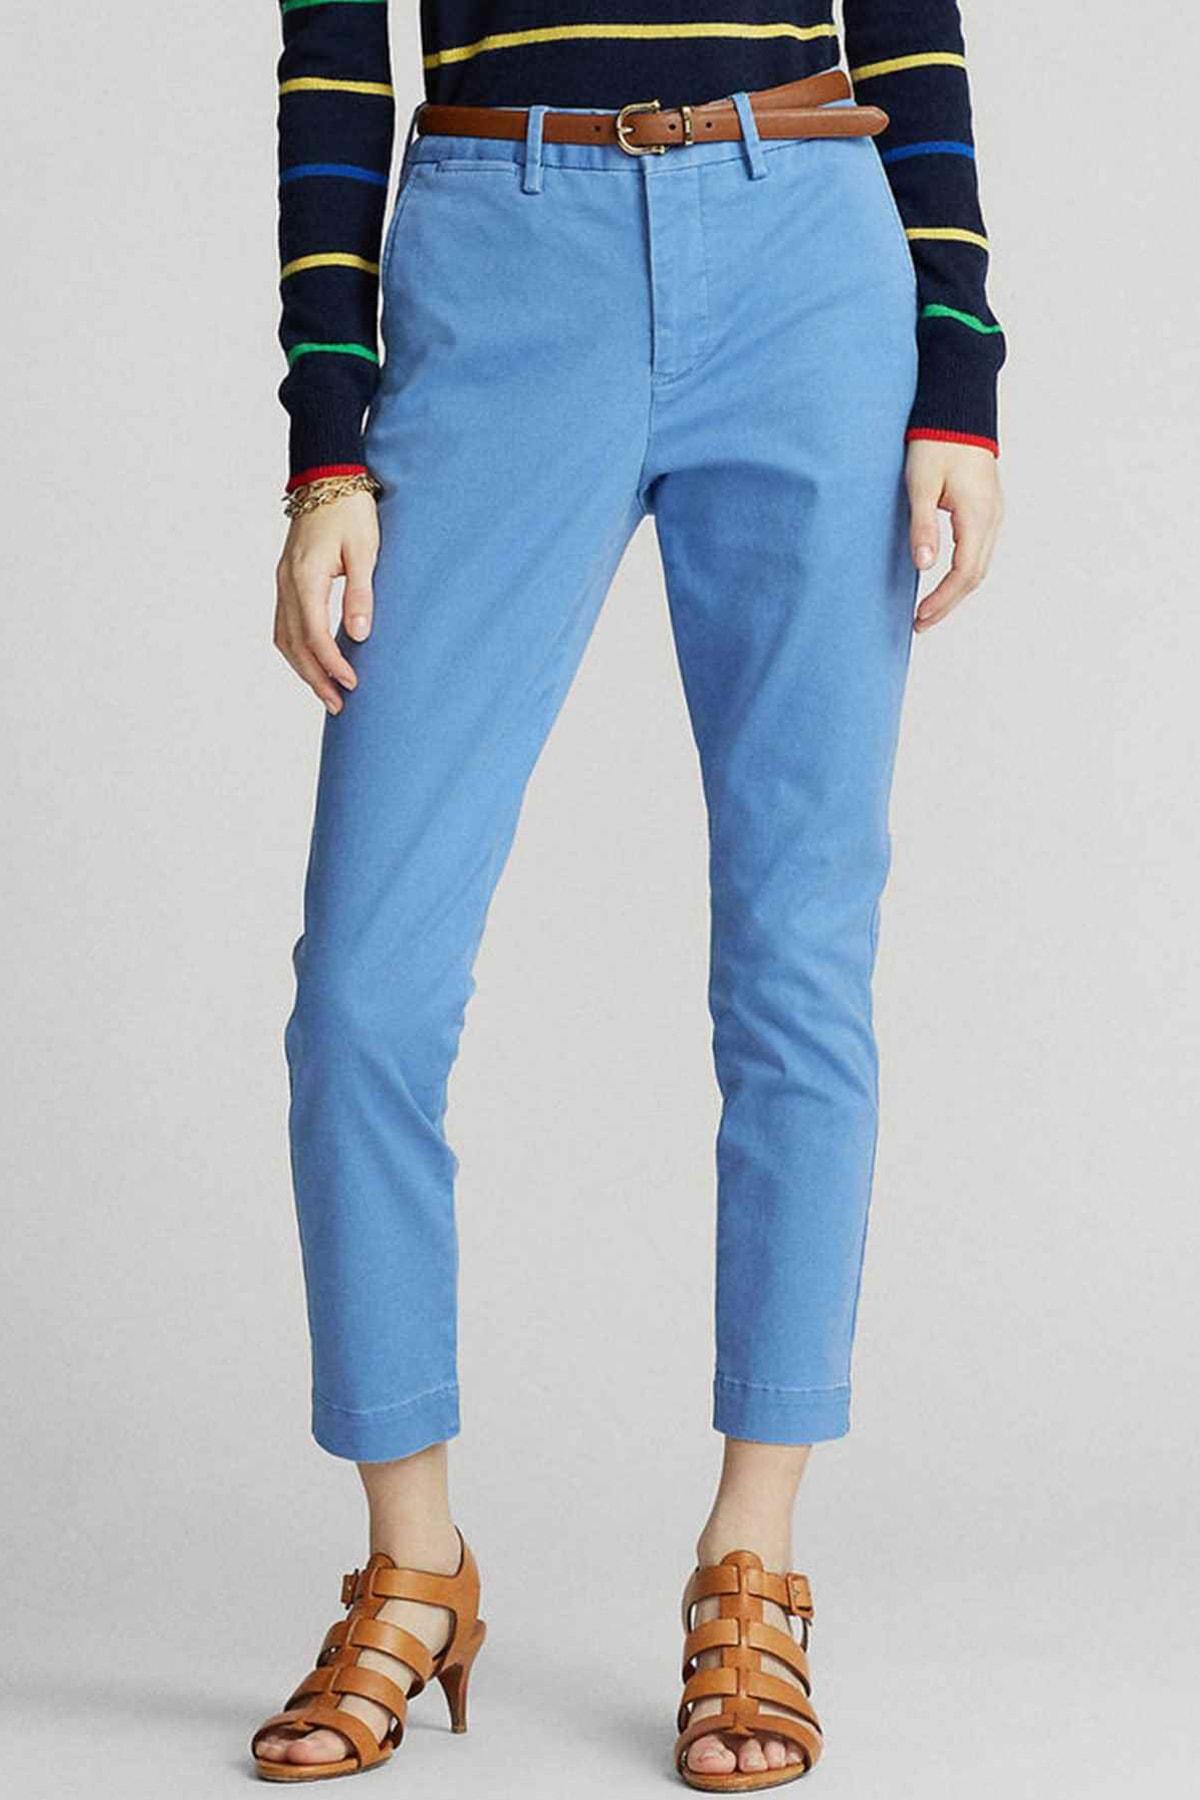 Polo Ralph Lauren Kadın Mavi Pantolon 4482832859188 2